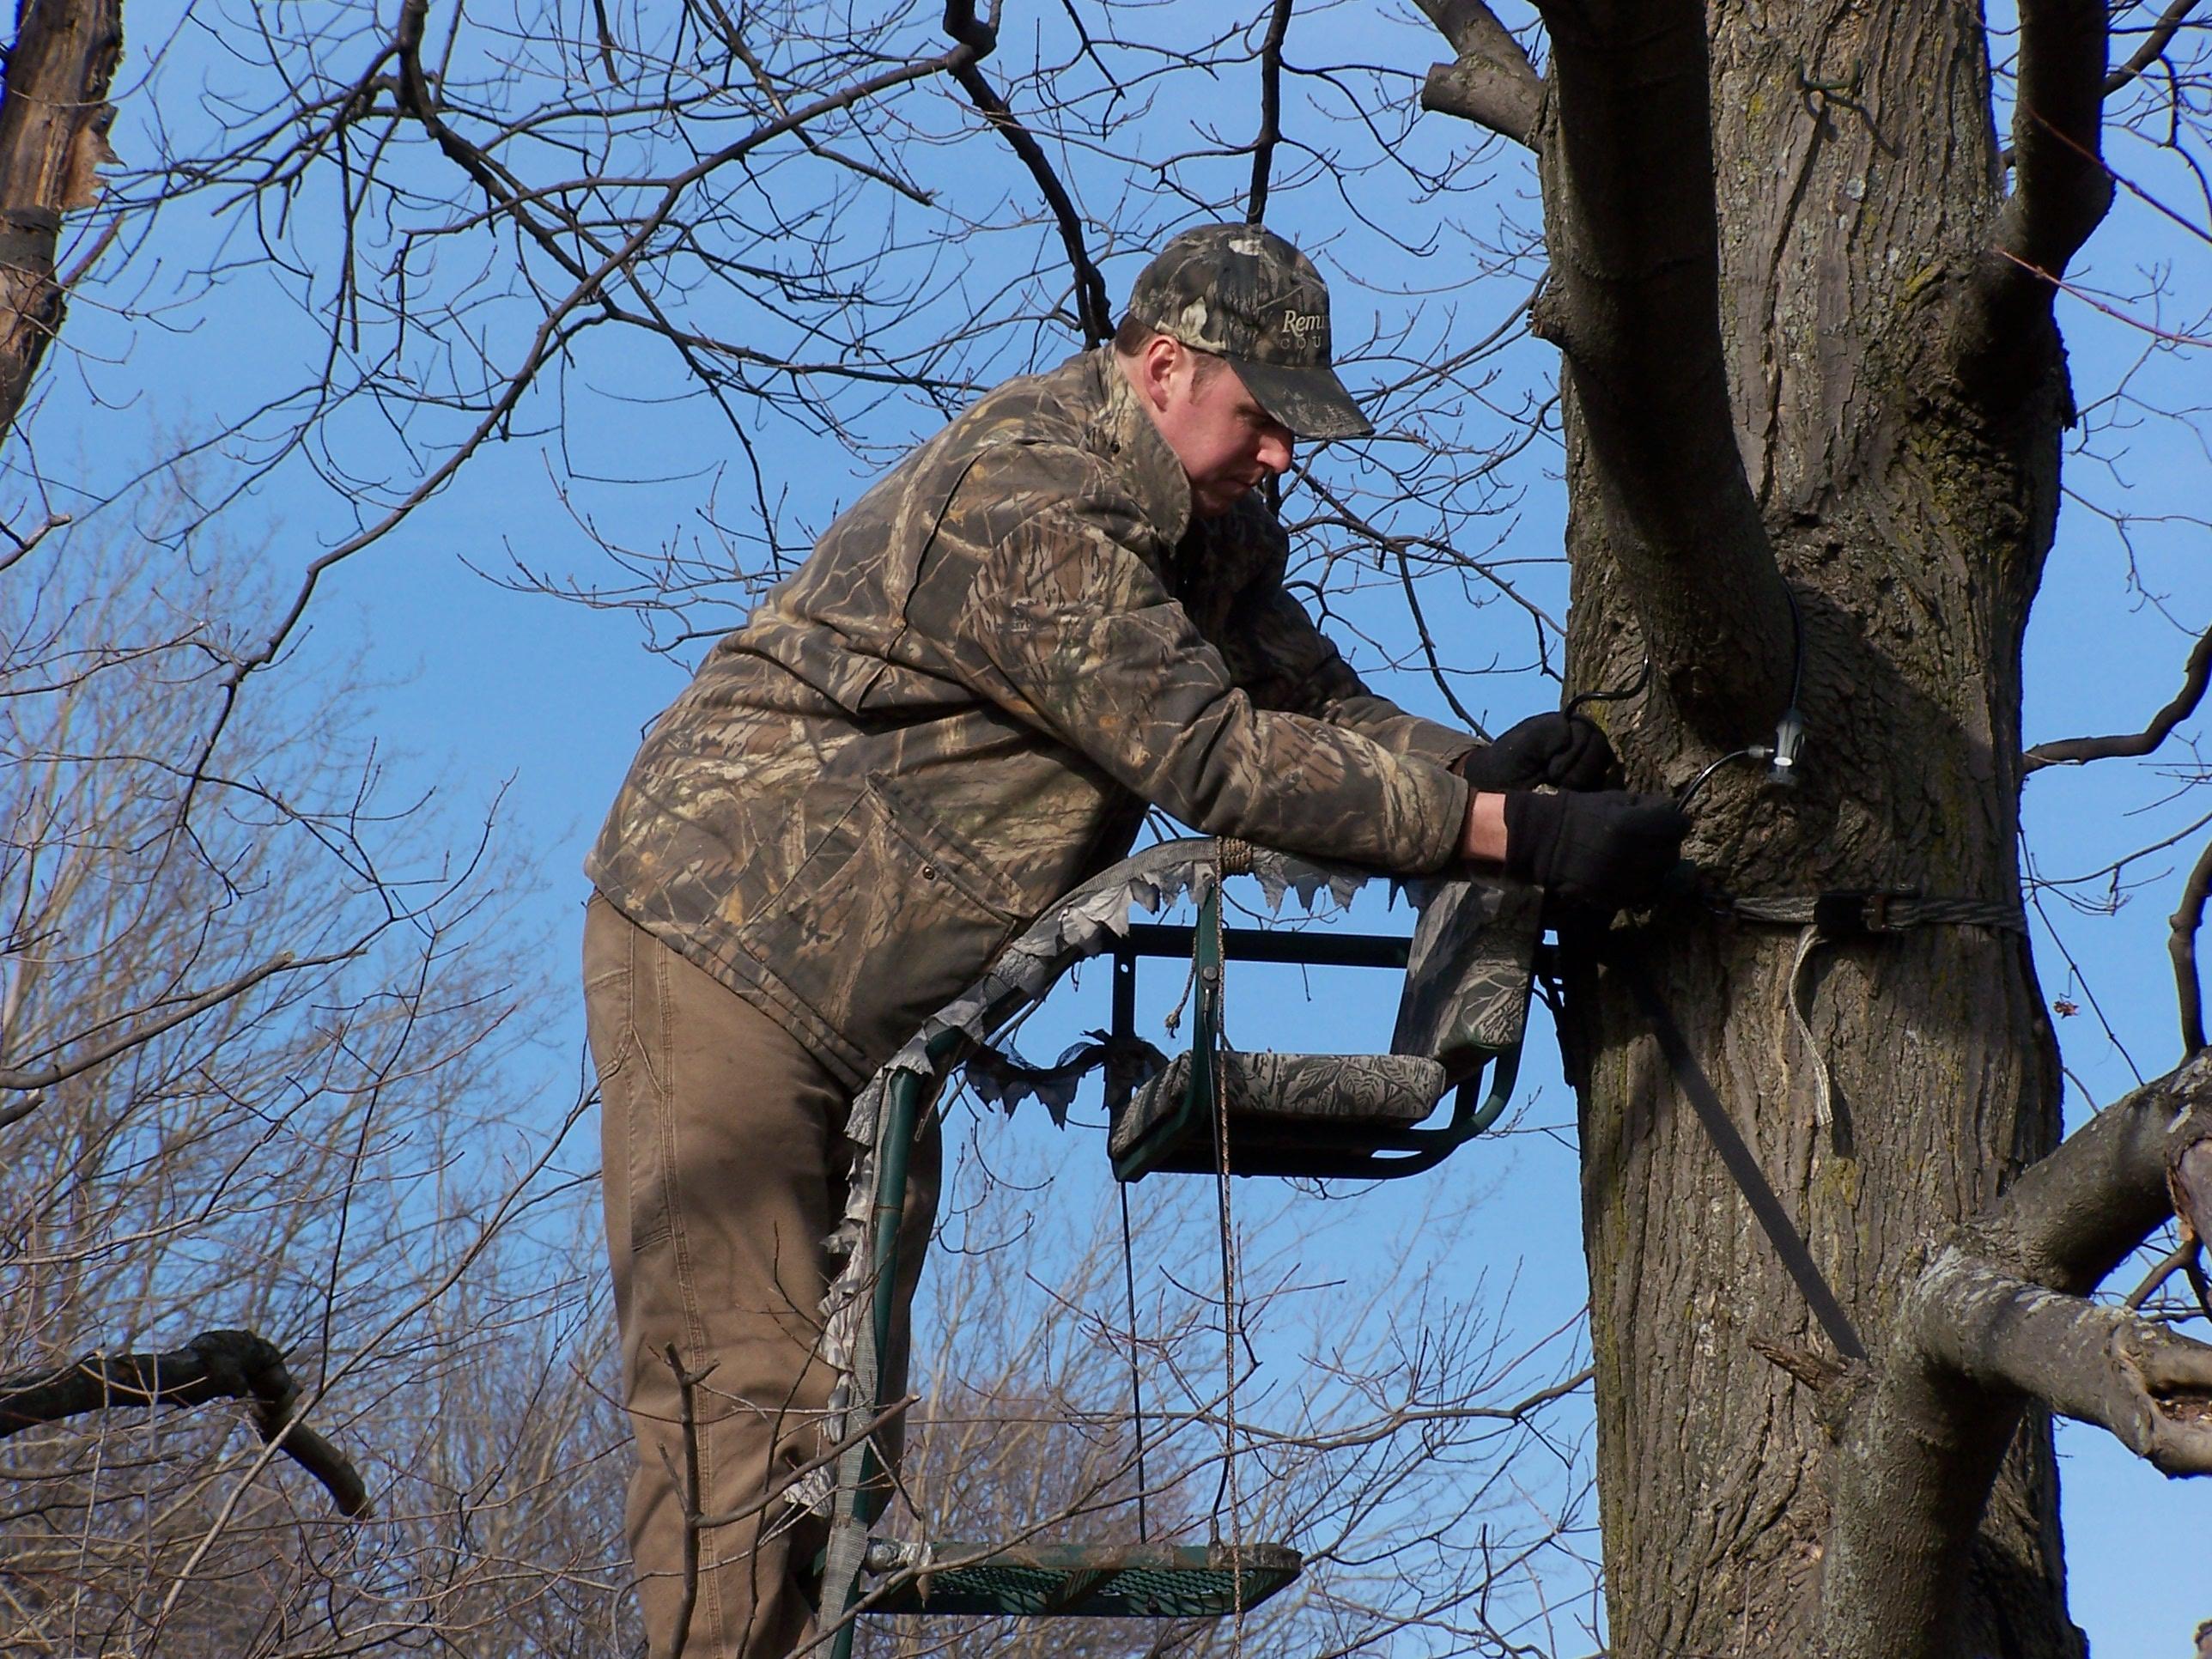 Tree Stand Regulations